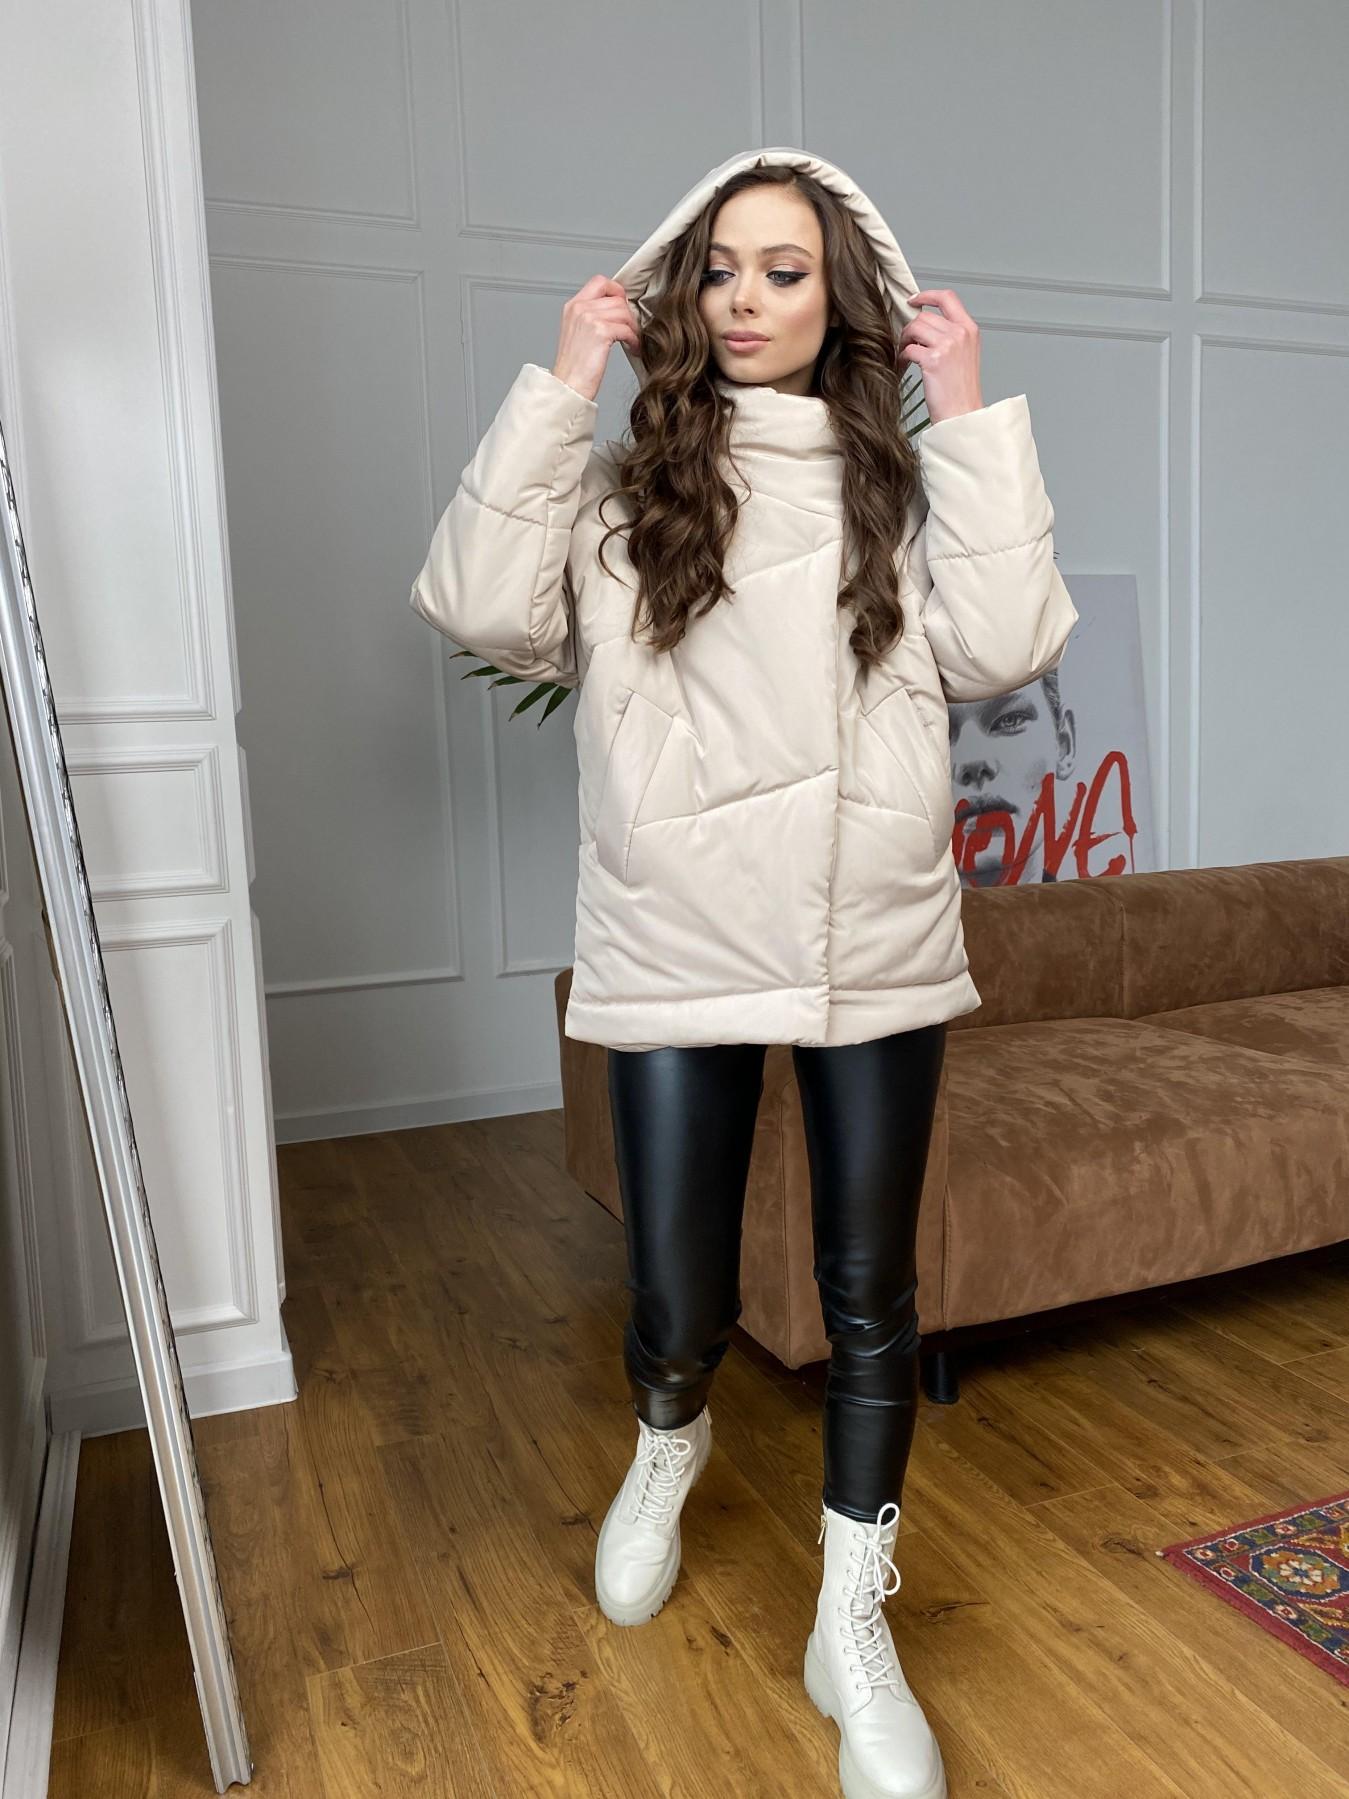 Уно куртка плащевка Ammy 10671 АРТ. 47476 Цвет: Бежевый - фото 8, интернет магазин tm-modus.ru